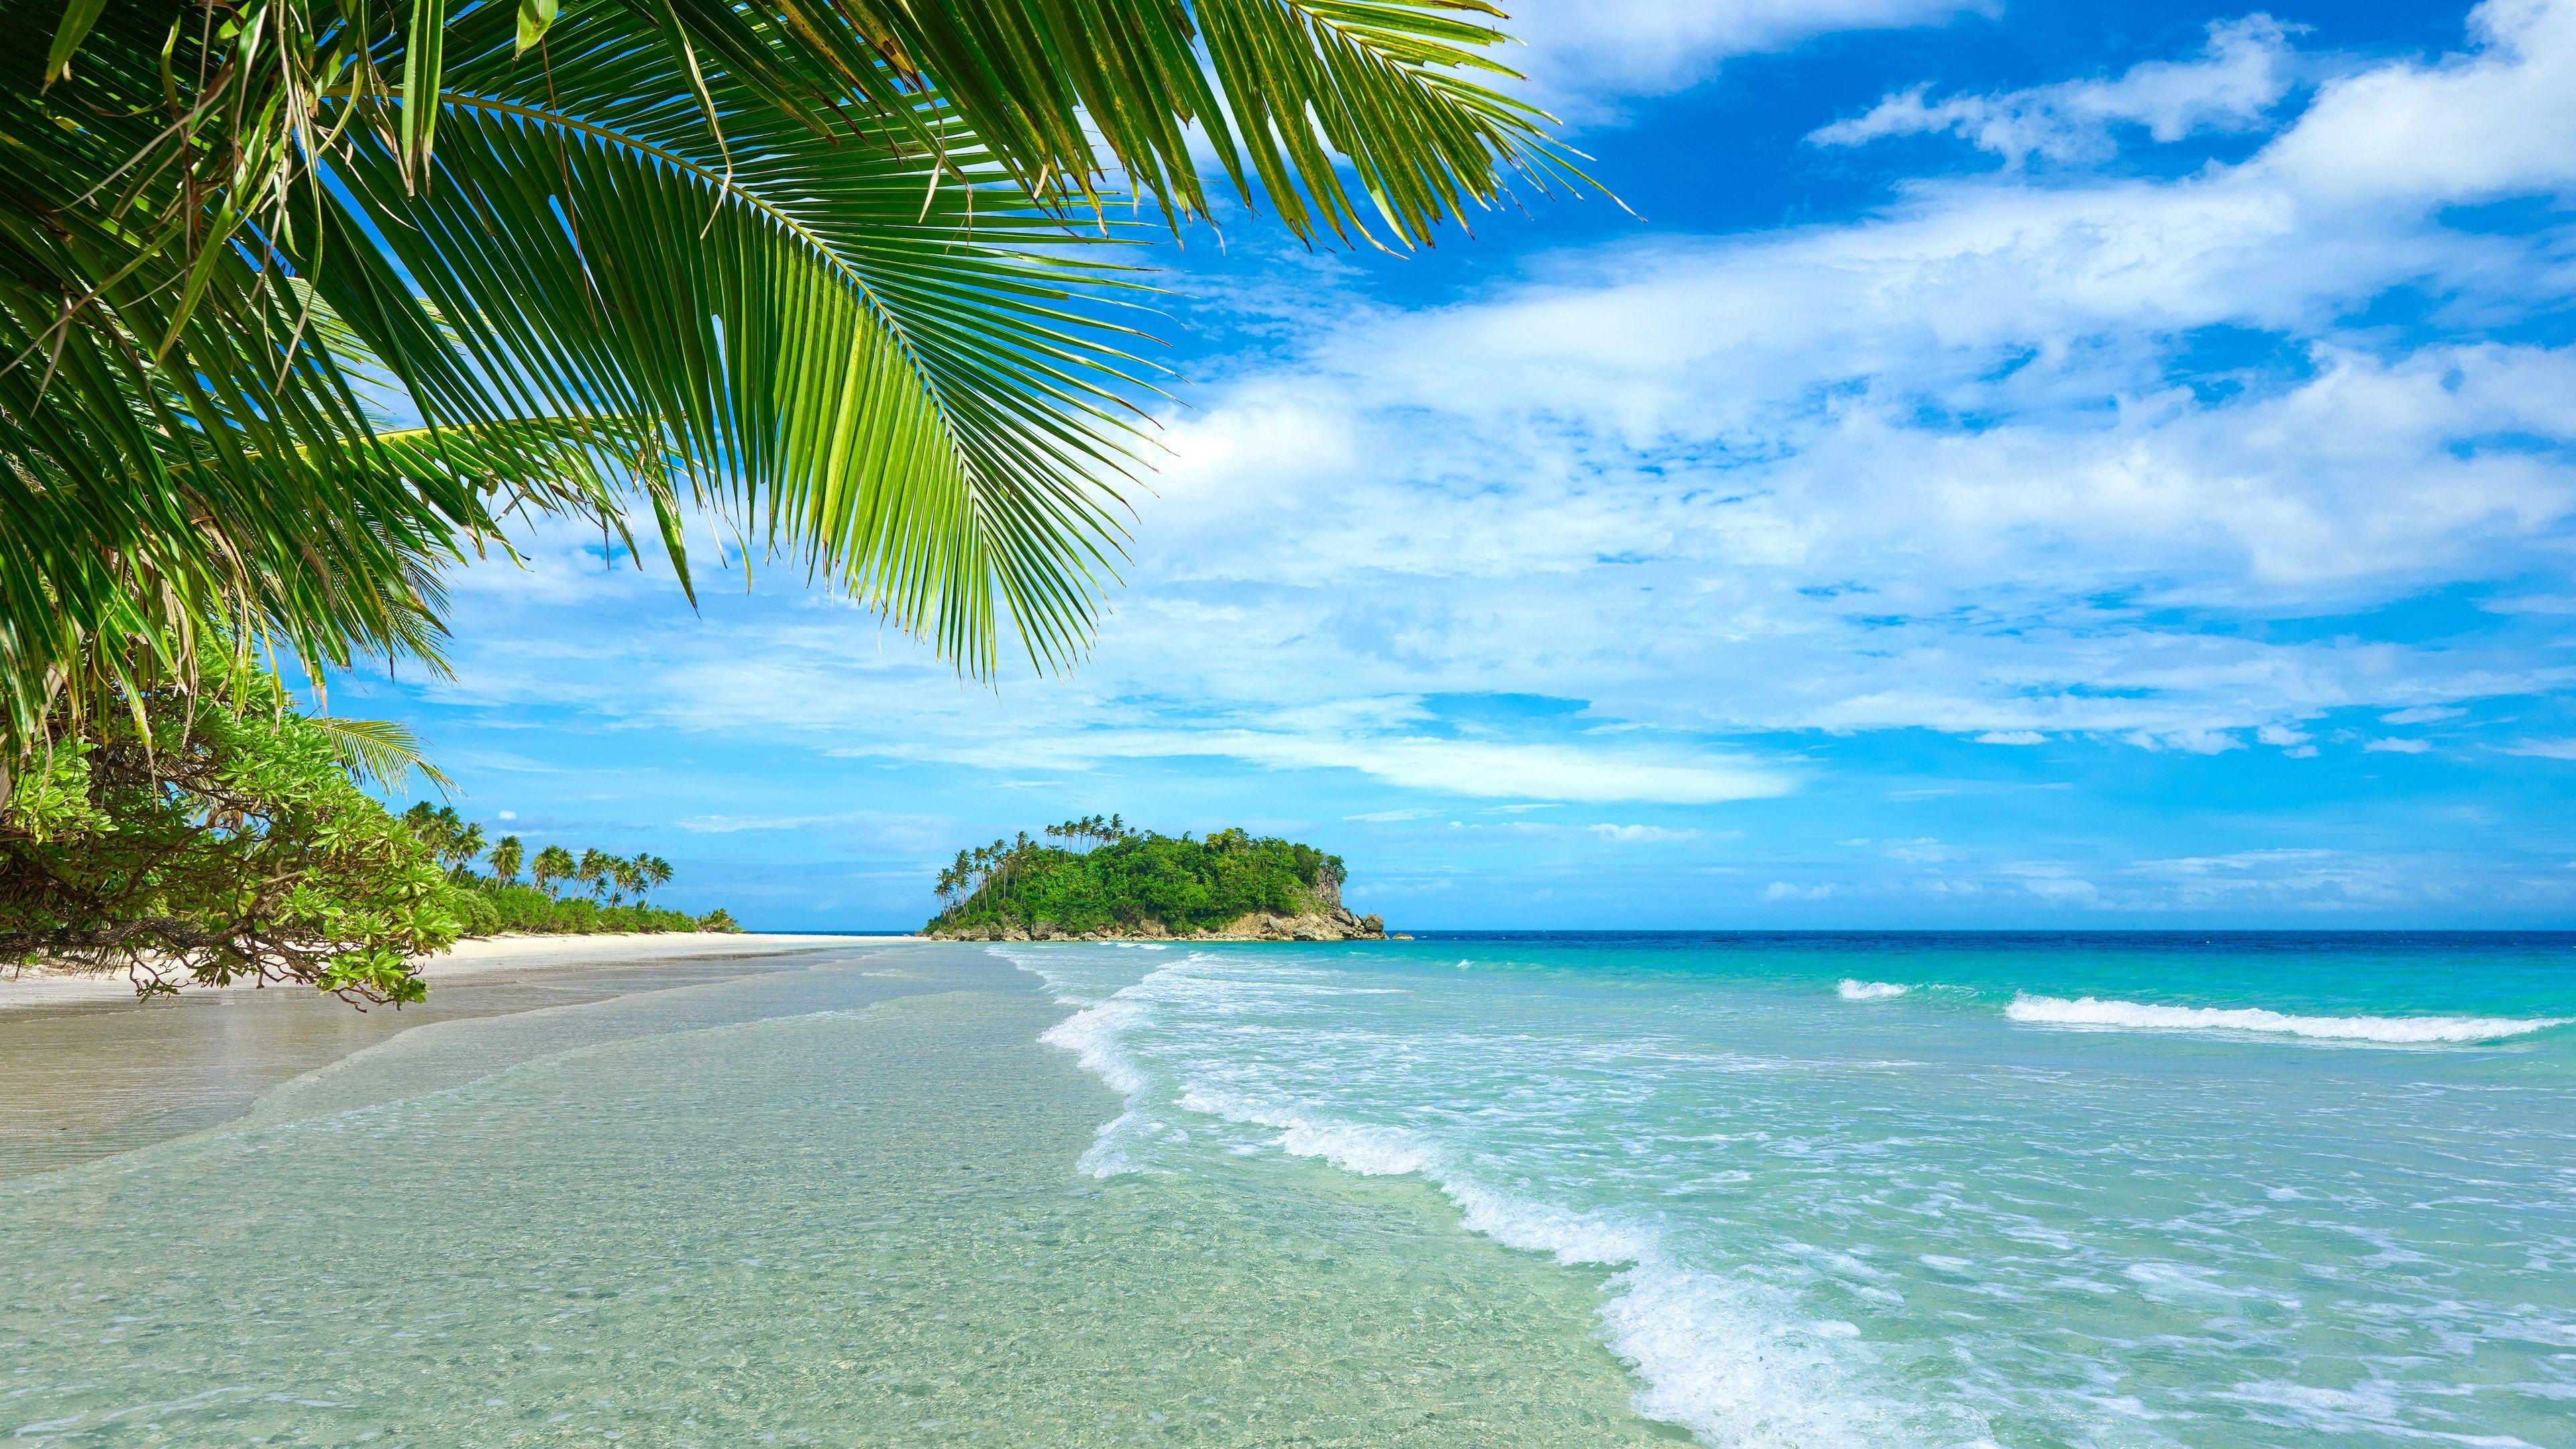 Bleu Ciel Et Mer Plage Cote Des Palmiers Tropical L Eau Fonds D Ecran 3840x2160 Uhd 4k Paysage Rose Fond Ecran Tropique